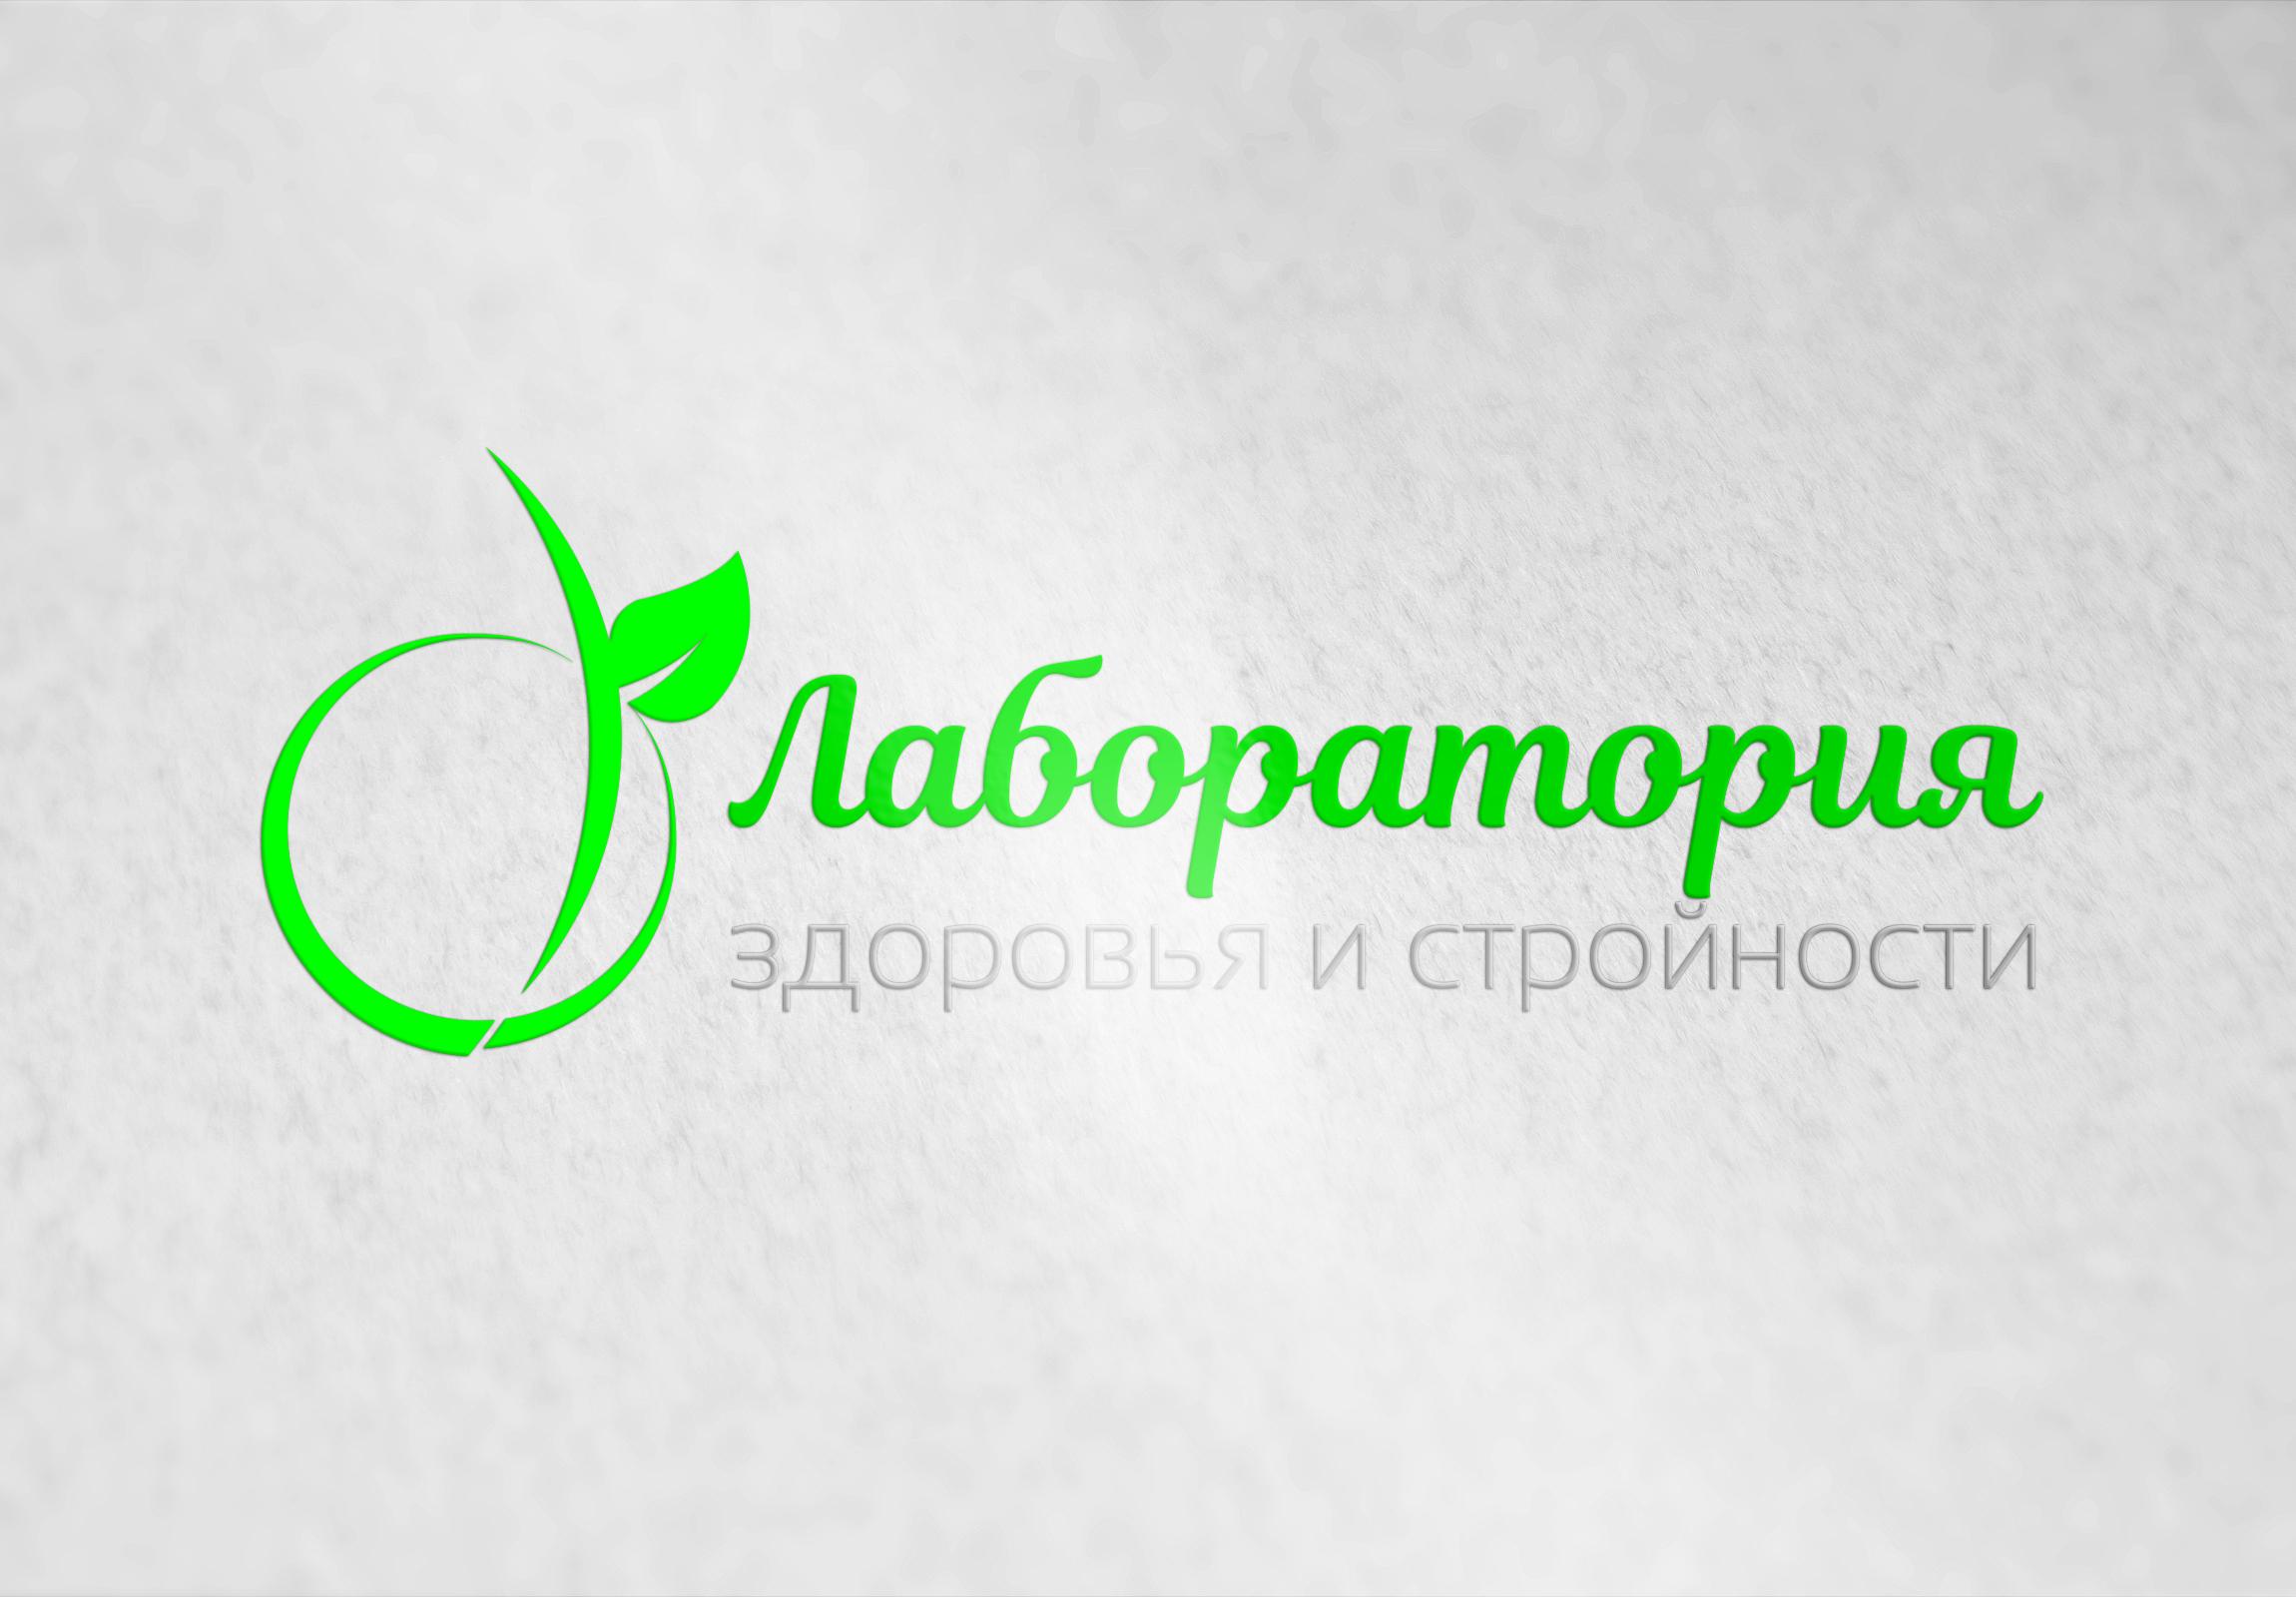 Логотип для Лаборатории здоровья и стройности